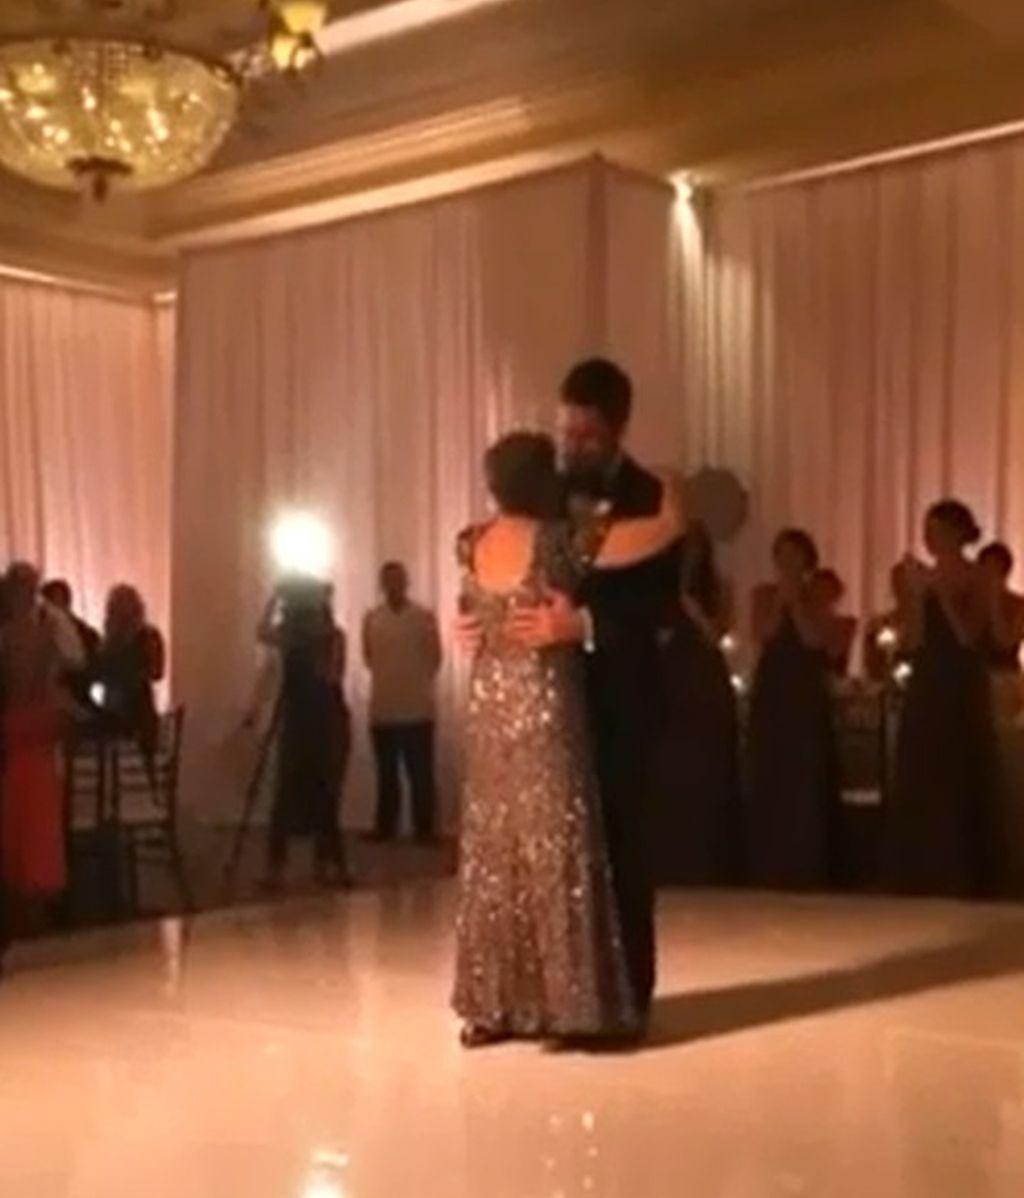 Una madre baila en la boda de su hijo días antes de morir